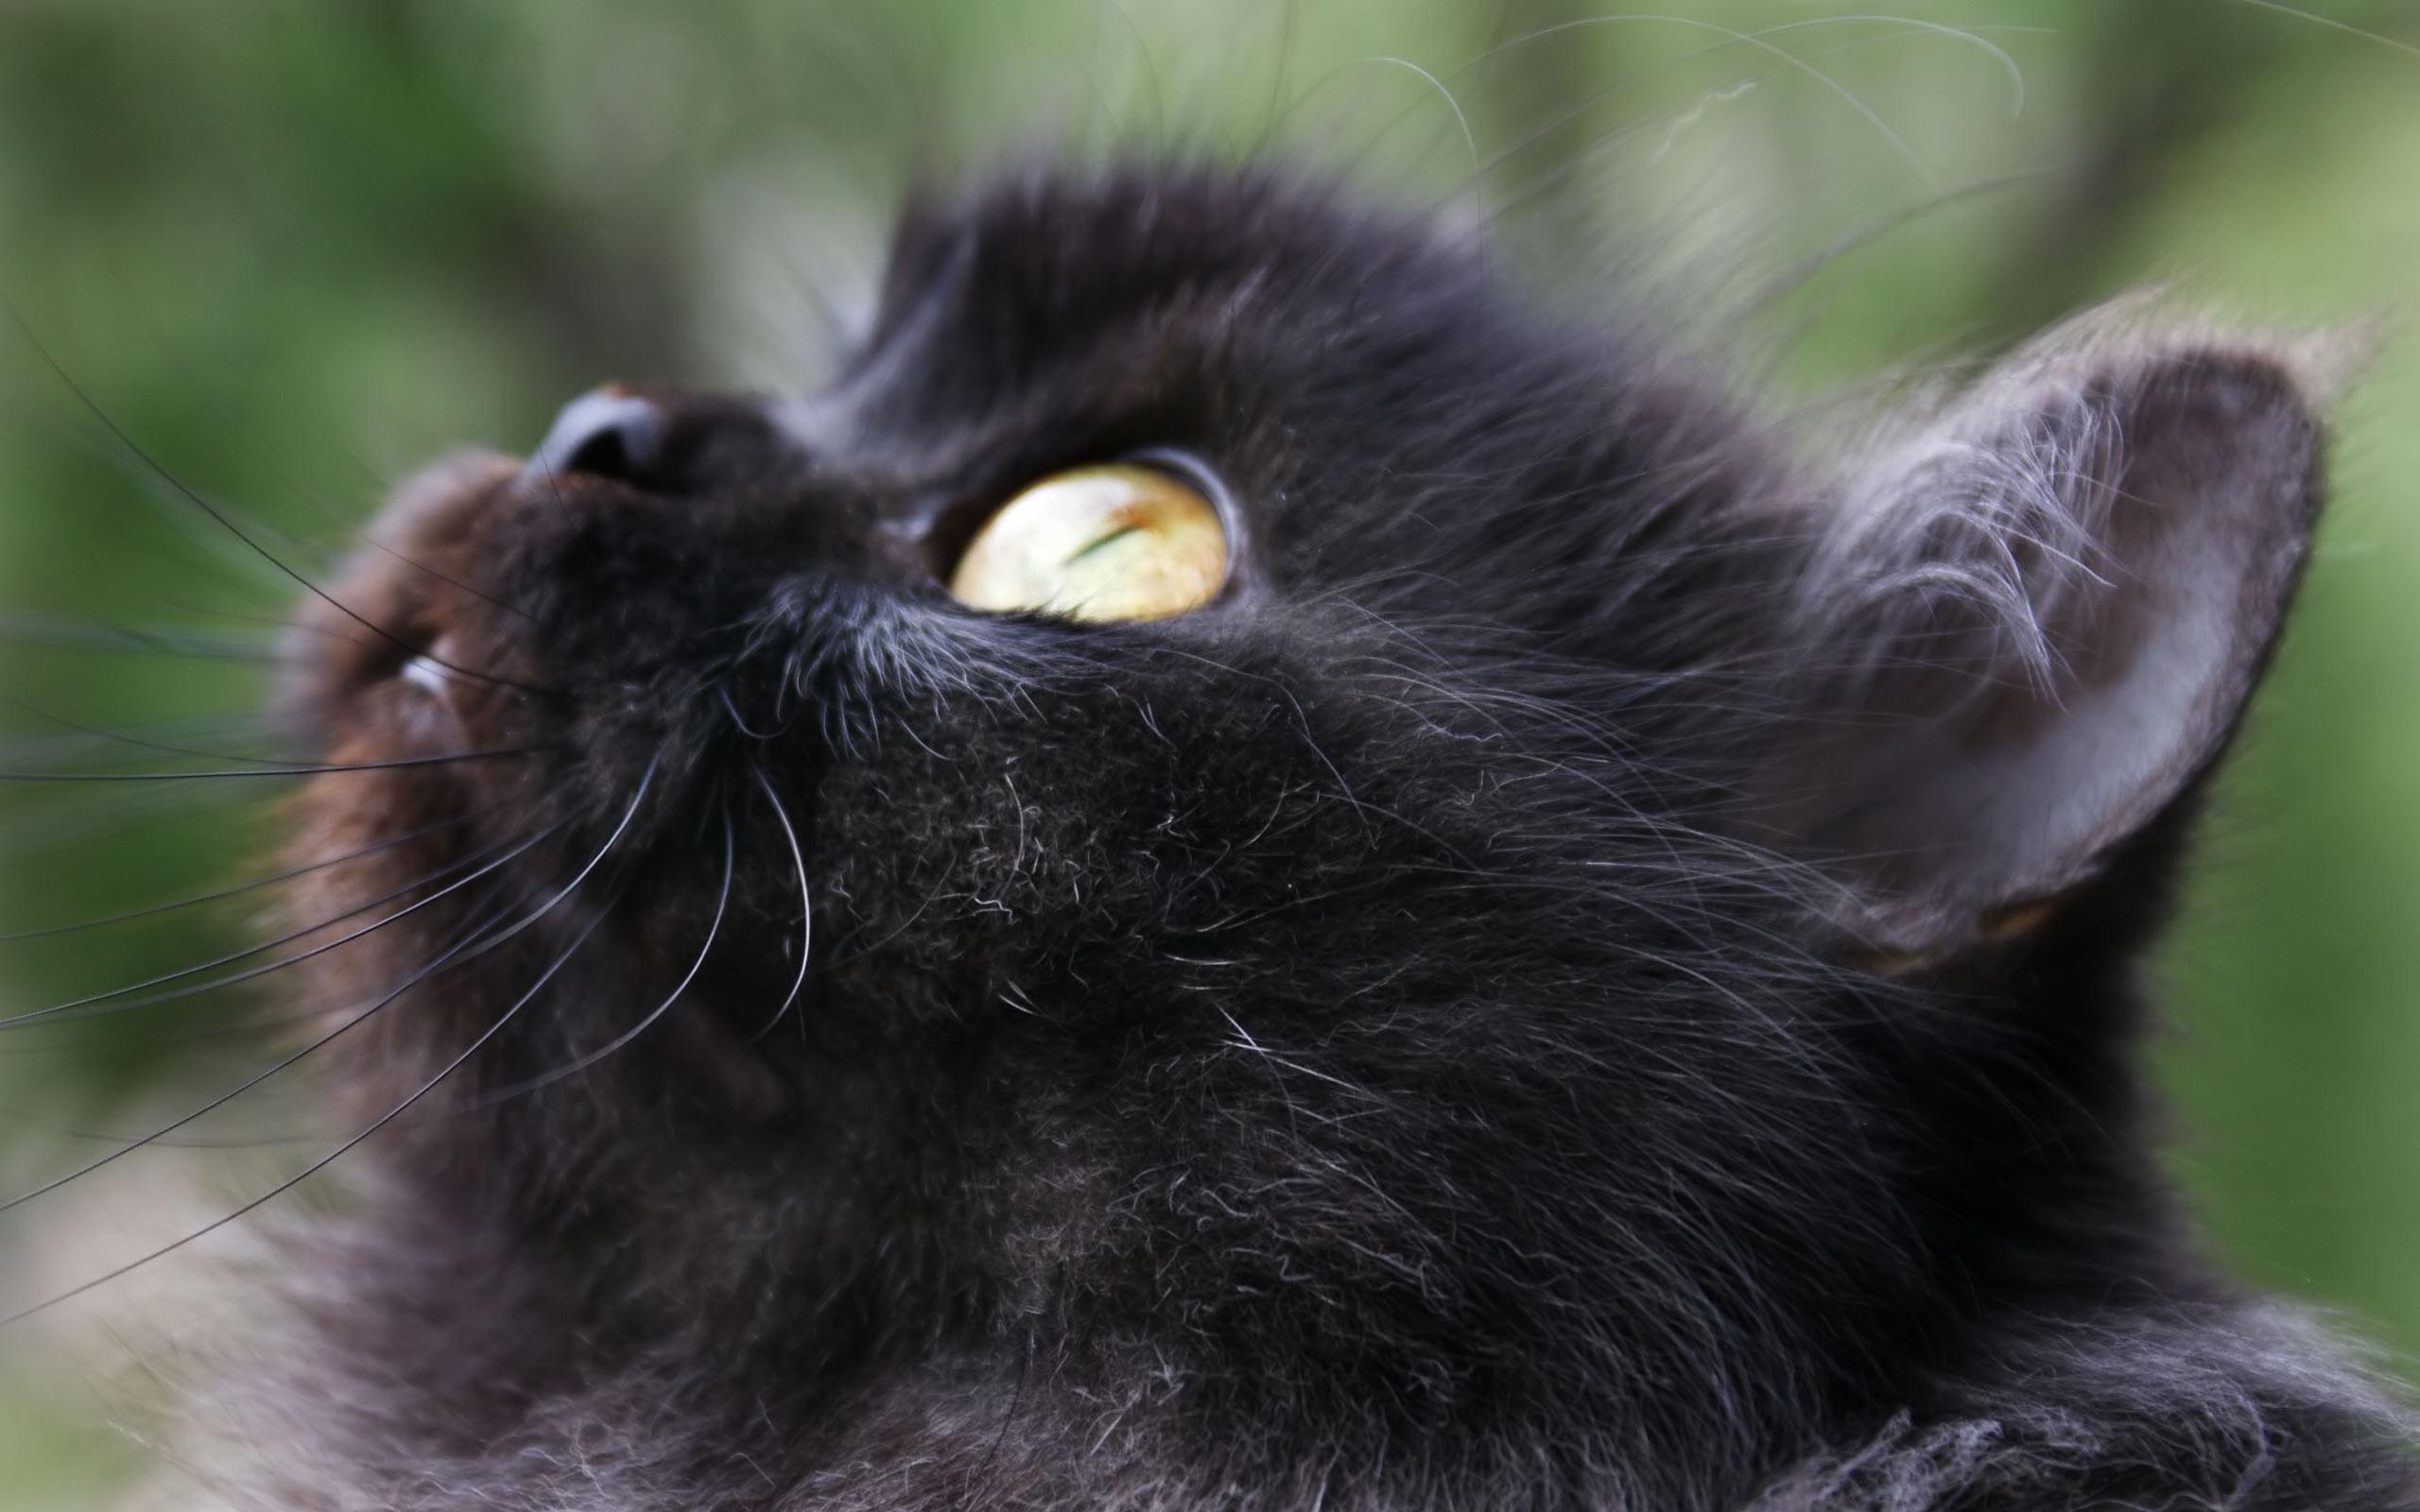 котики пушистики фото черные высыпаний из-за